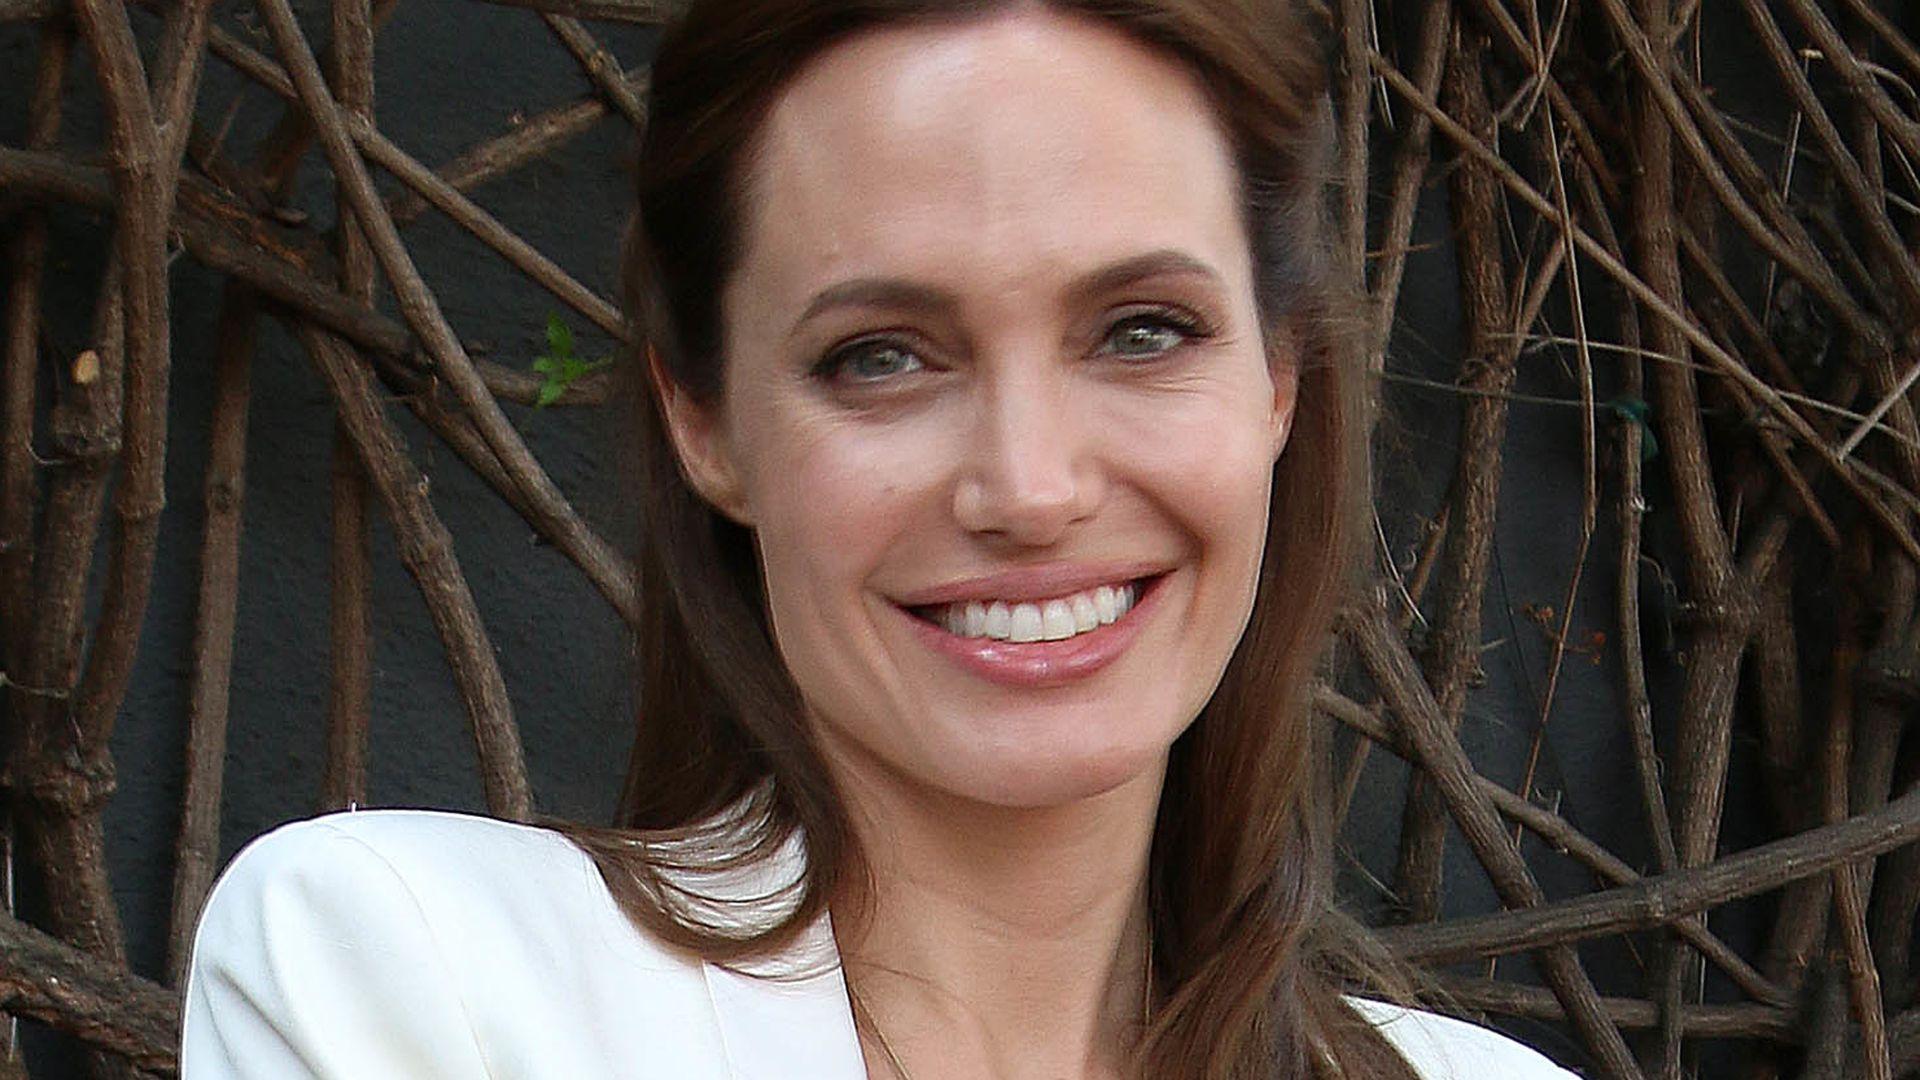 Angelina Jolie verrät ihr Brautkleid-Geheimnis!  Promiflash.de